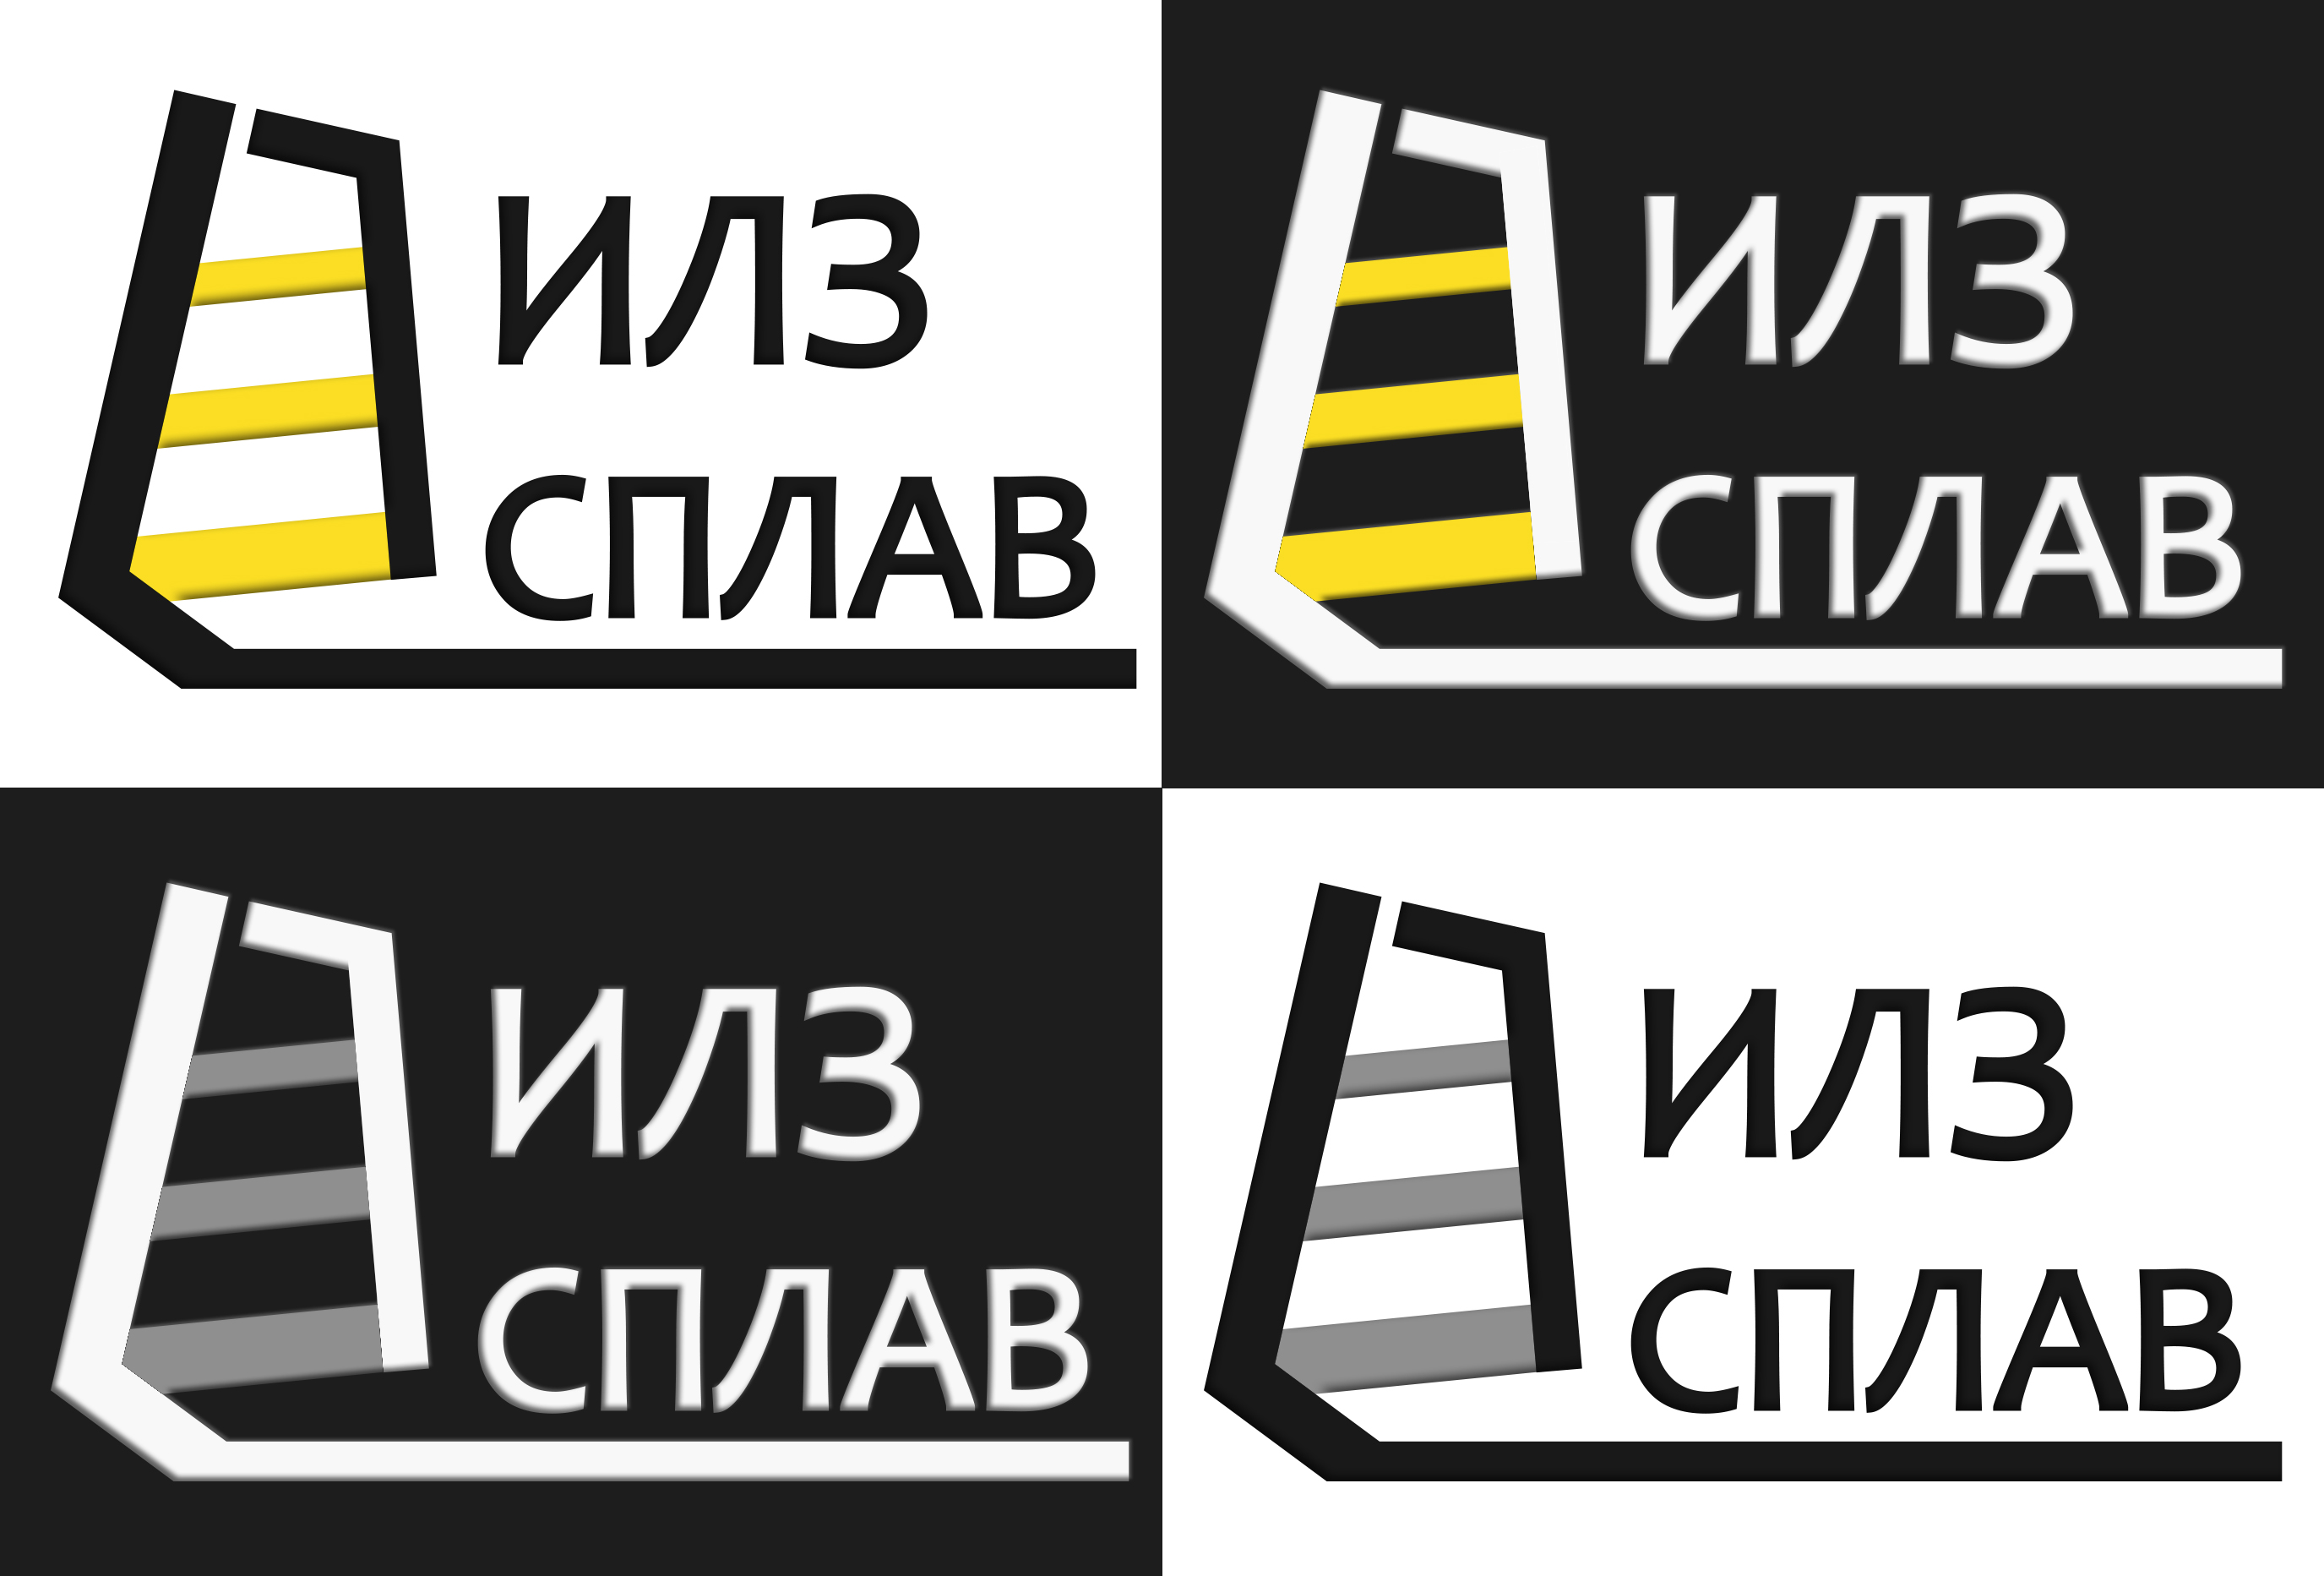 Разработать логотип для литейного завода фото f_9885b1458a19a5fe.jpg